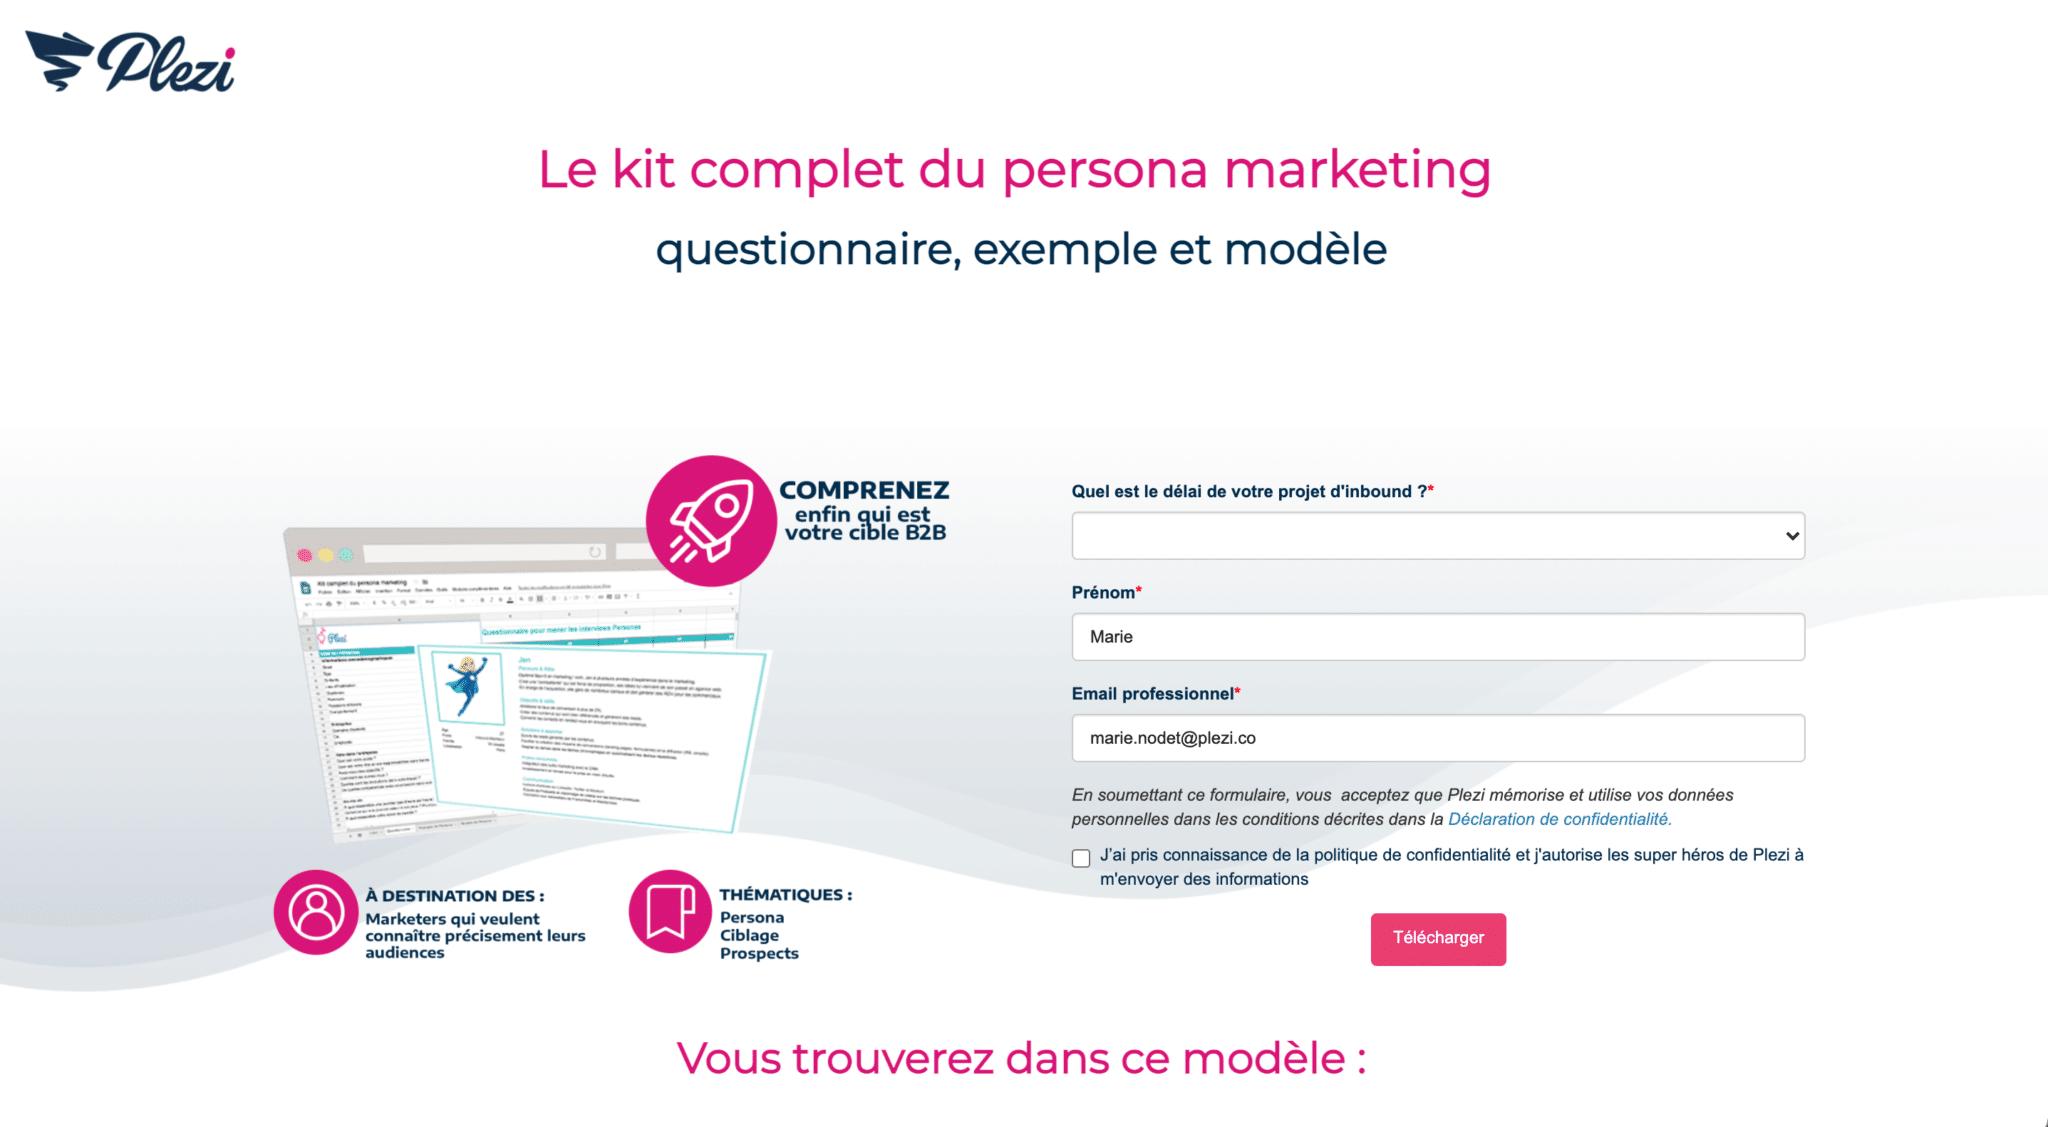 exemple d'un kit marketing à télécharger pour réaliser ses personas marketing